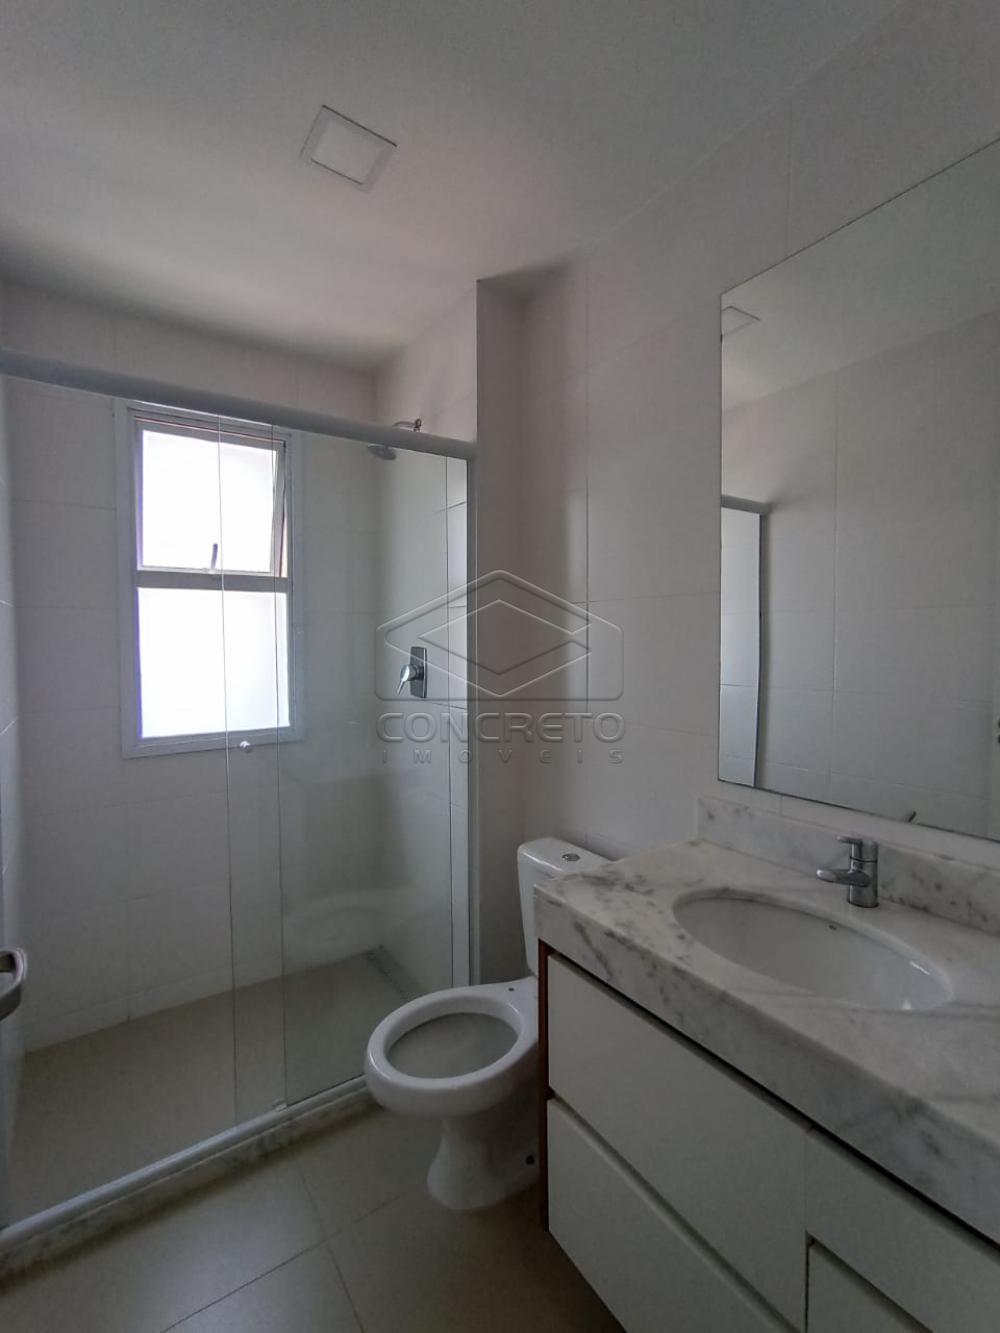 Alugar Apartamento / Padrão em Bauru apenas R$ 2.800,00 - Foto 11